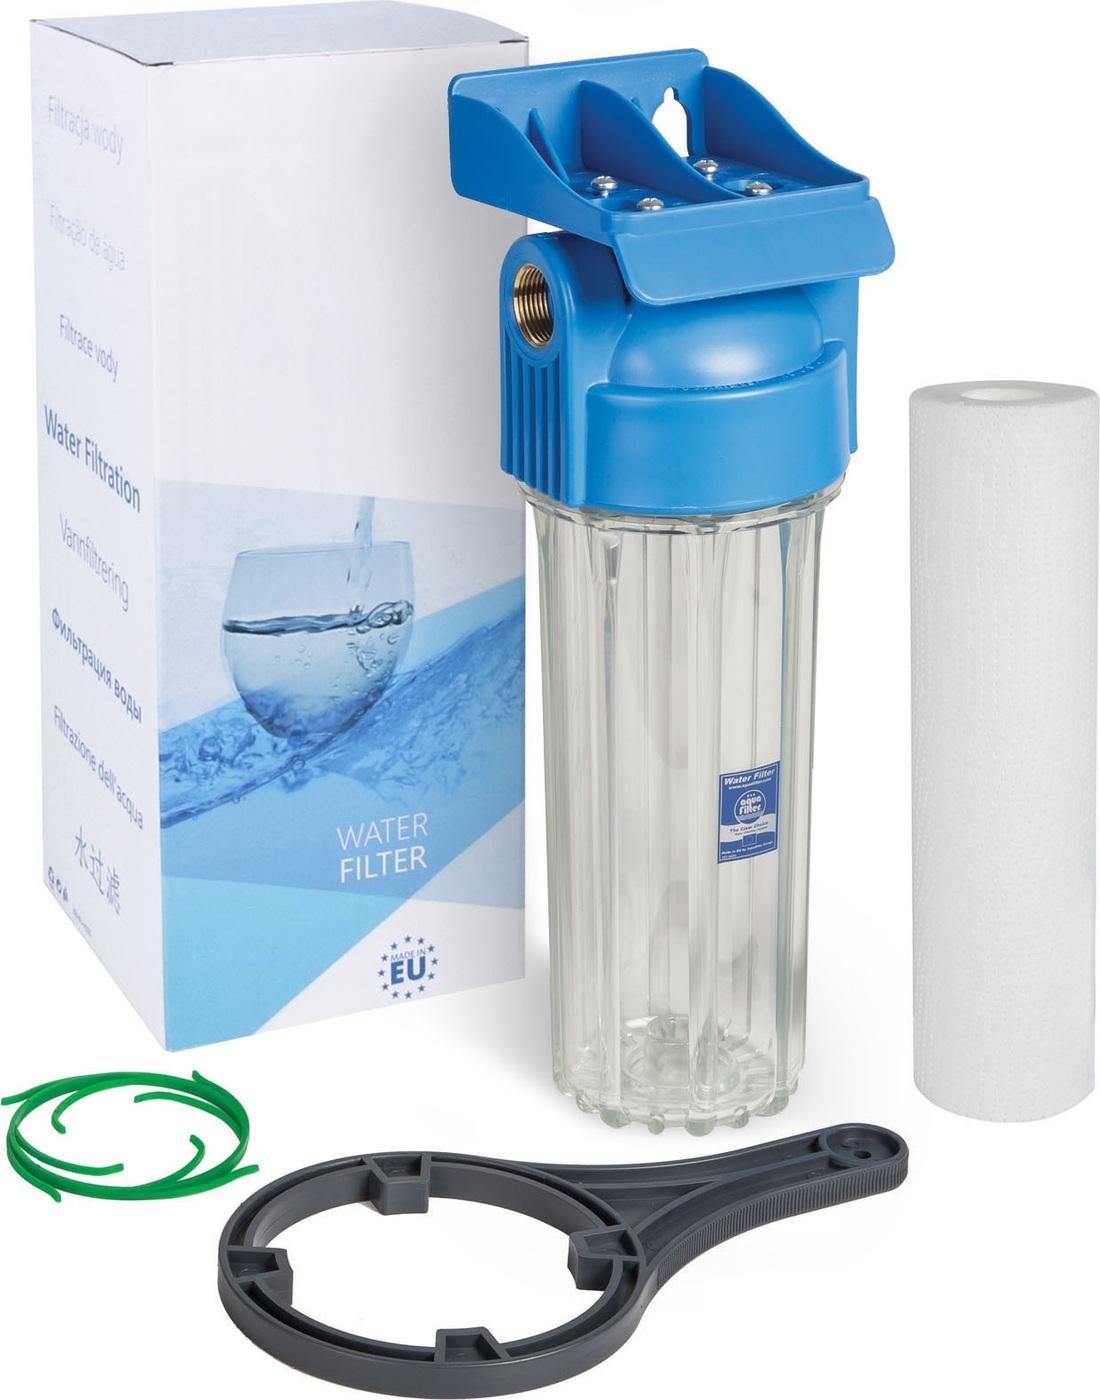 Магистральный фильтр для холодной воды с картриджем 10SL, резьба 3/4, серия 10 атм, Aquafilter FHPR34-HP1, 546